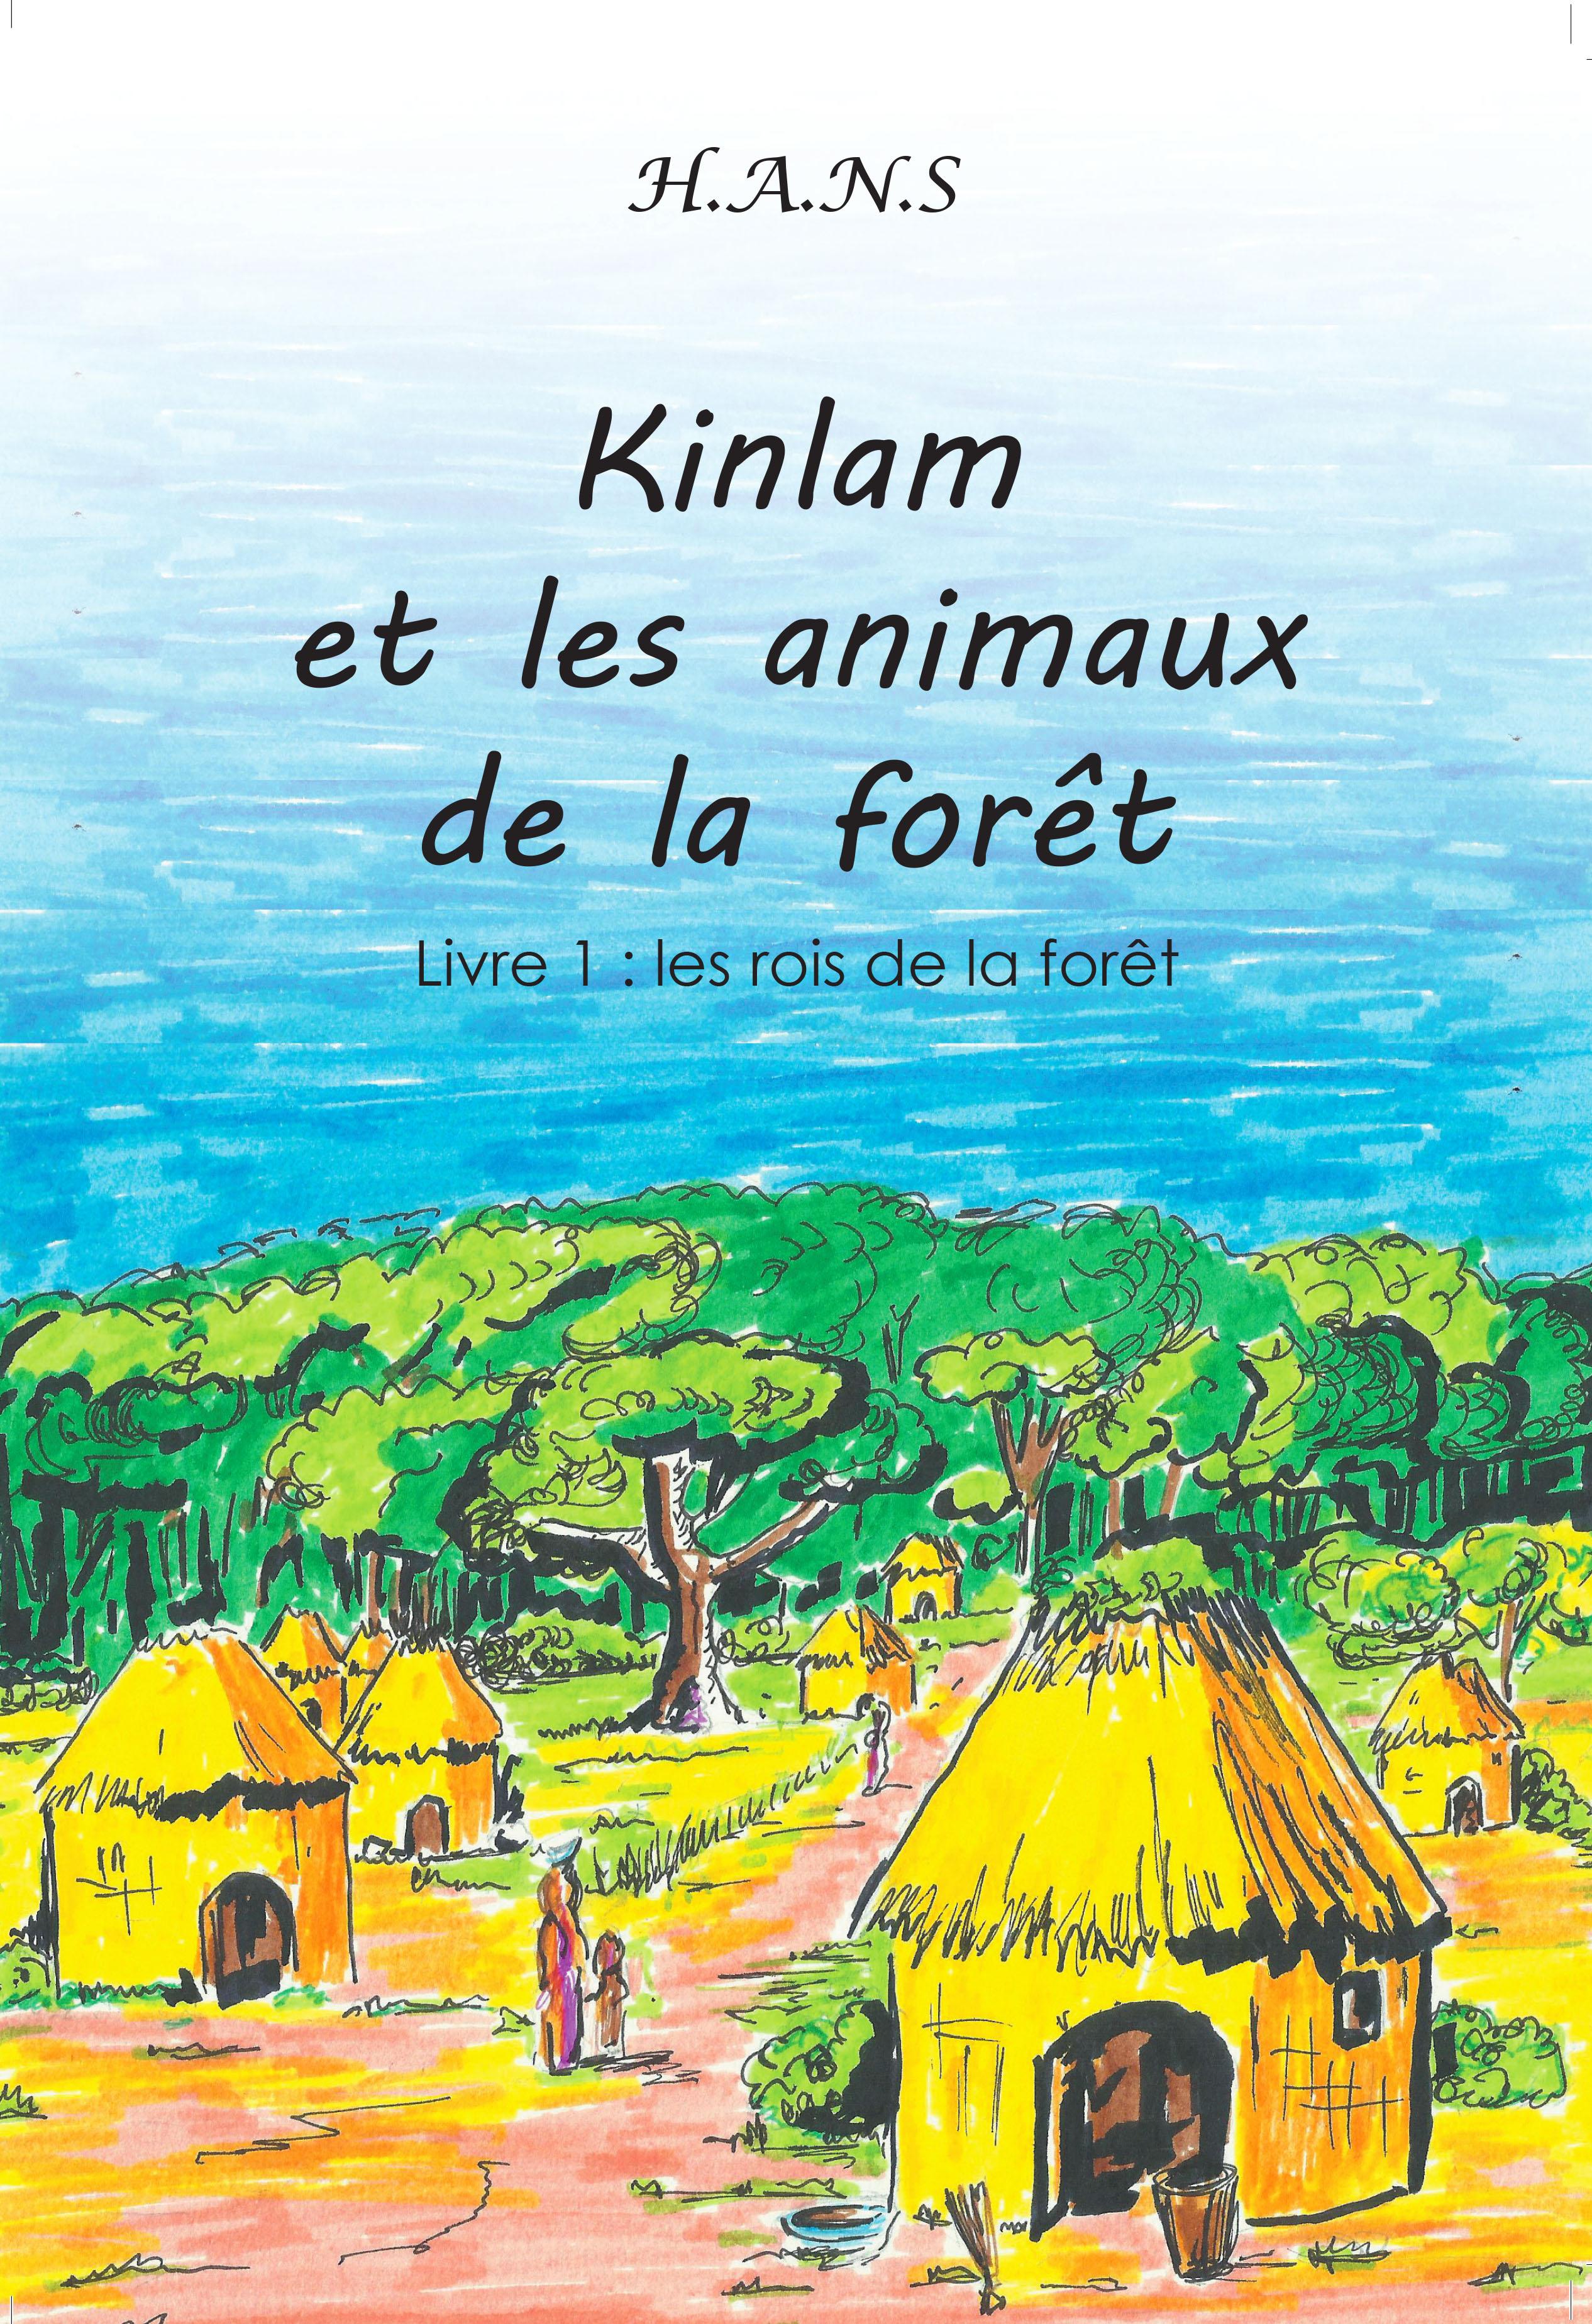 Kinlam et les animaux de la foret.indd